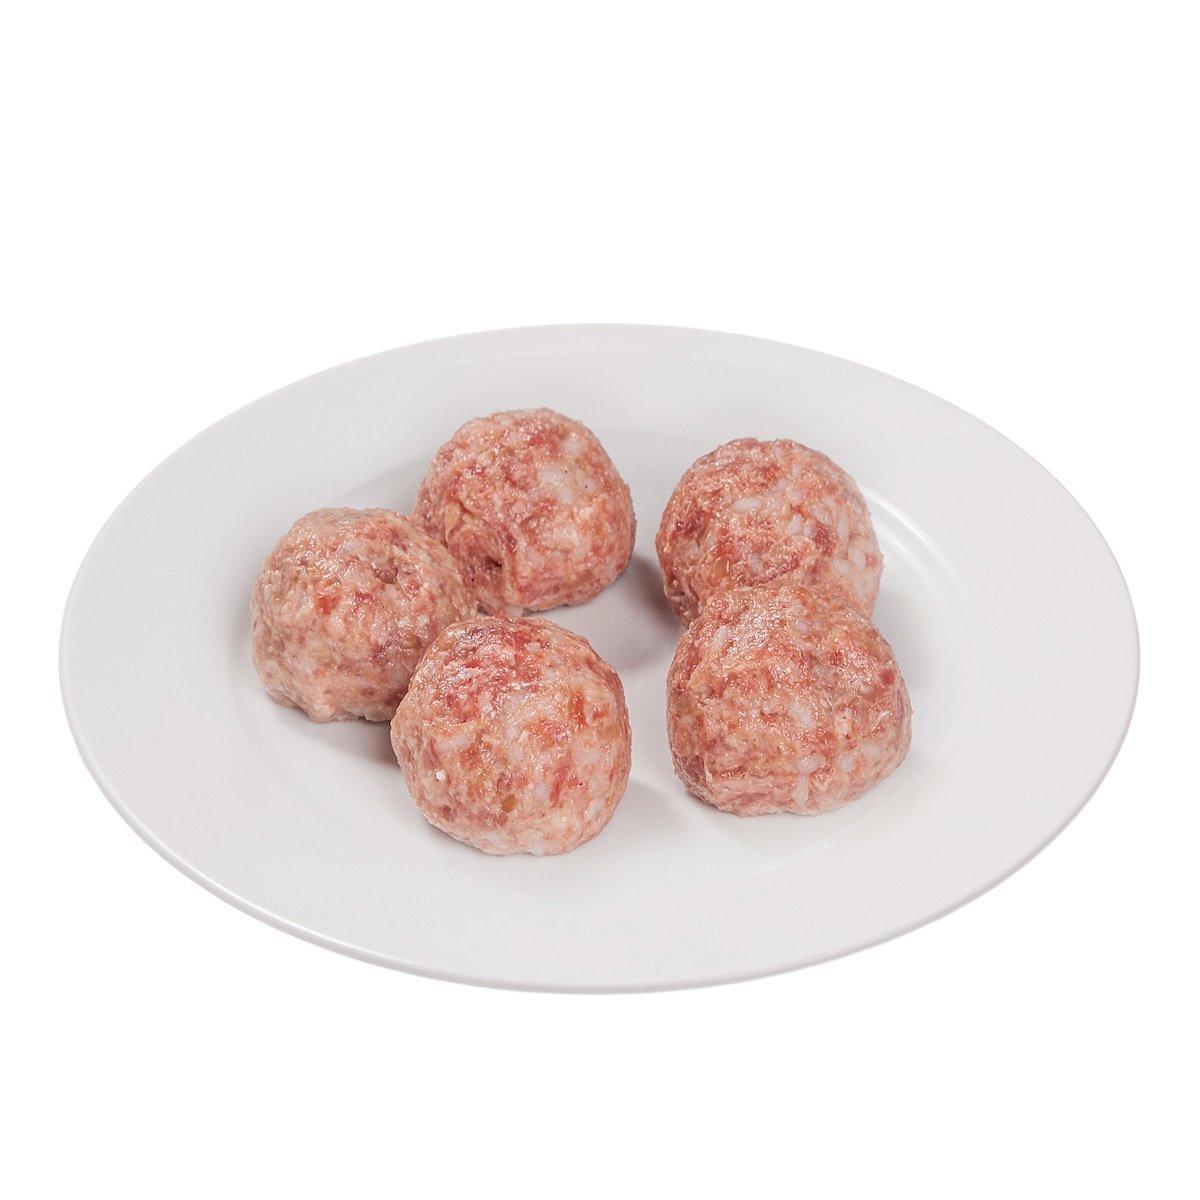 Свино-говяжьи тефтели (п/ф)